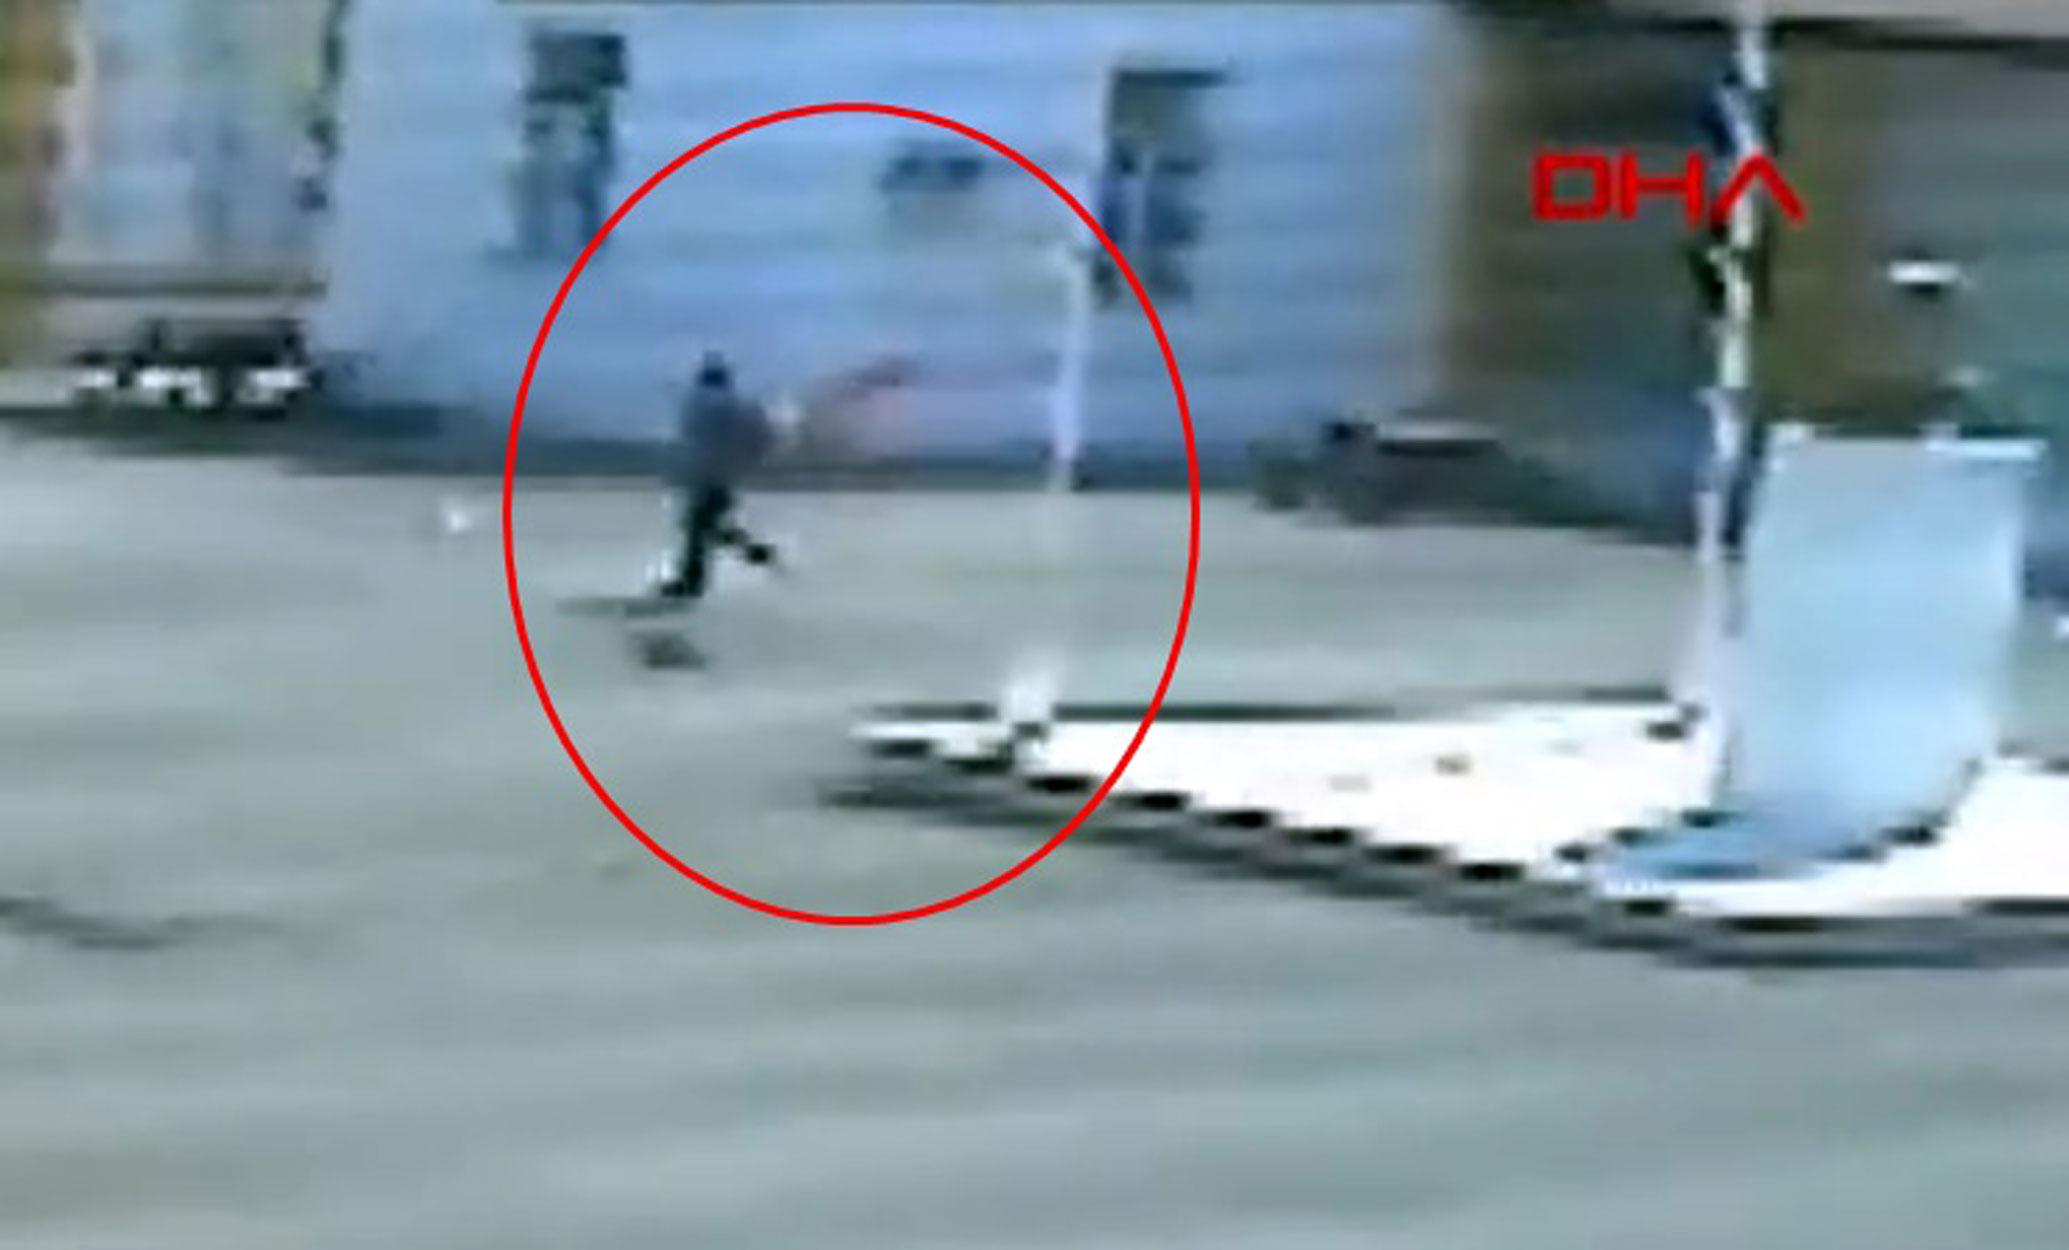 Κατεχόμενα: Ο πατέρας του 16χρονου που κατέβασε τη σημαία ζήτησε συγγνώμη από τον Ακιντζί